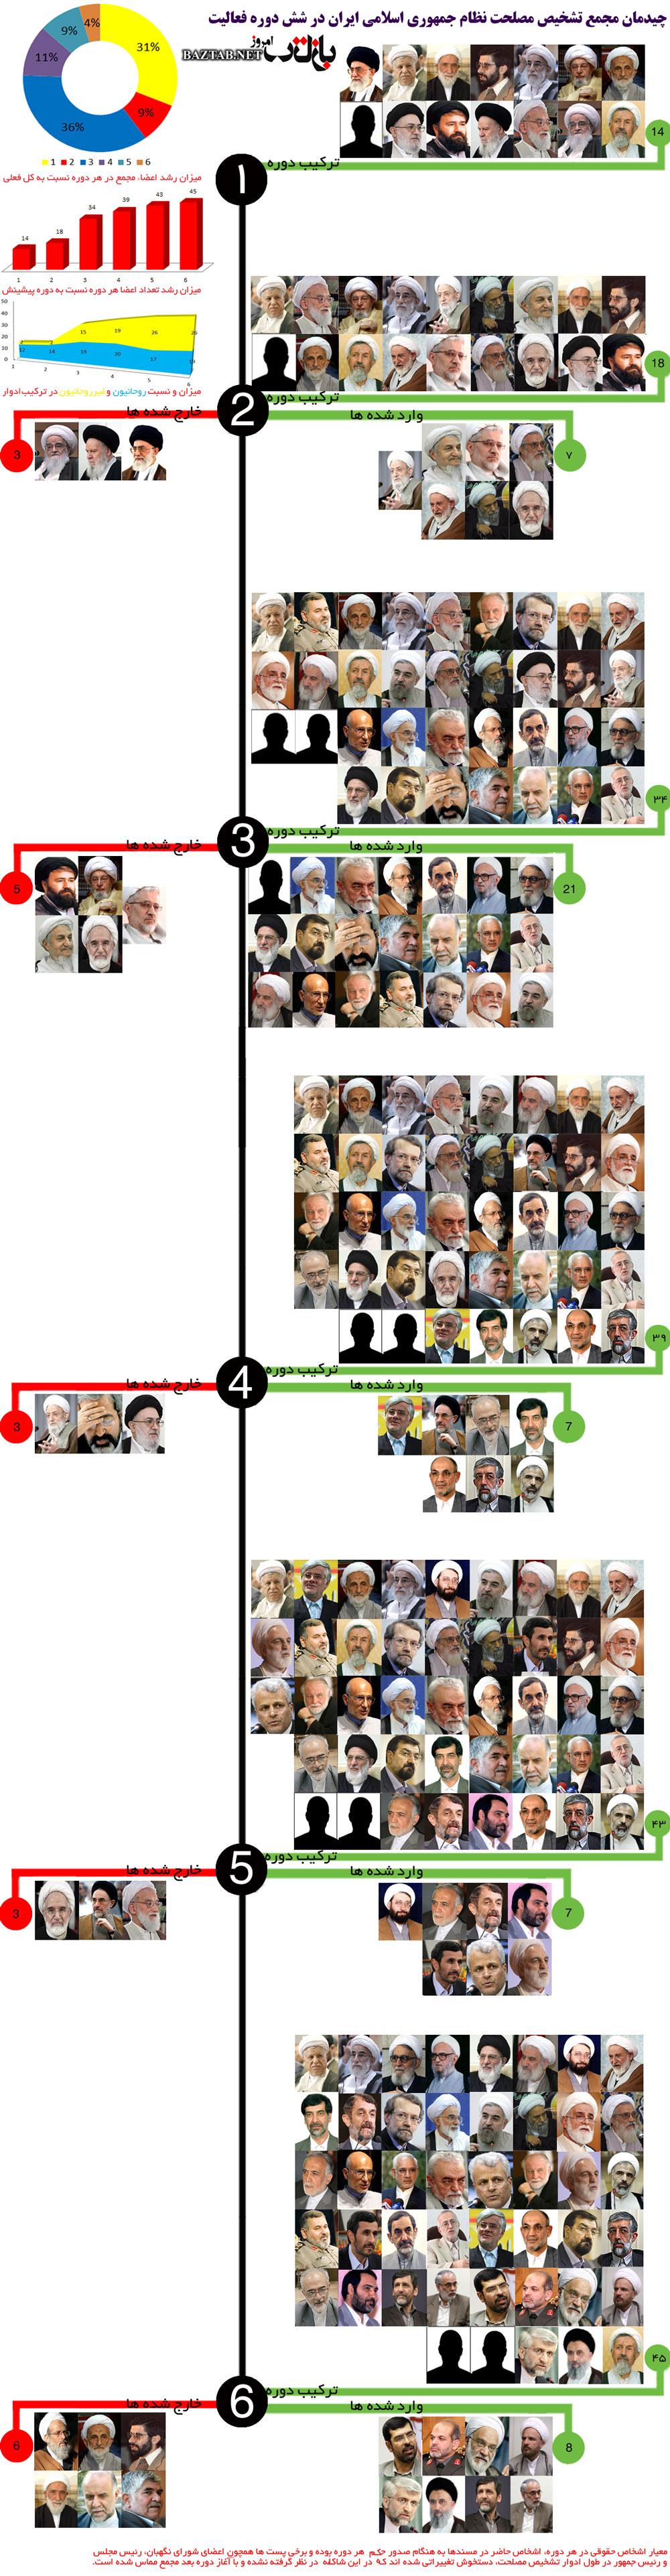 پاسخ صریح رهبری به راکبین فتنه +تصاویر تمام اعضای 30سال مجمع